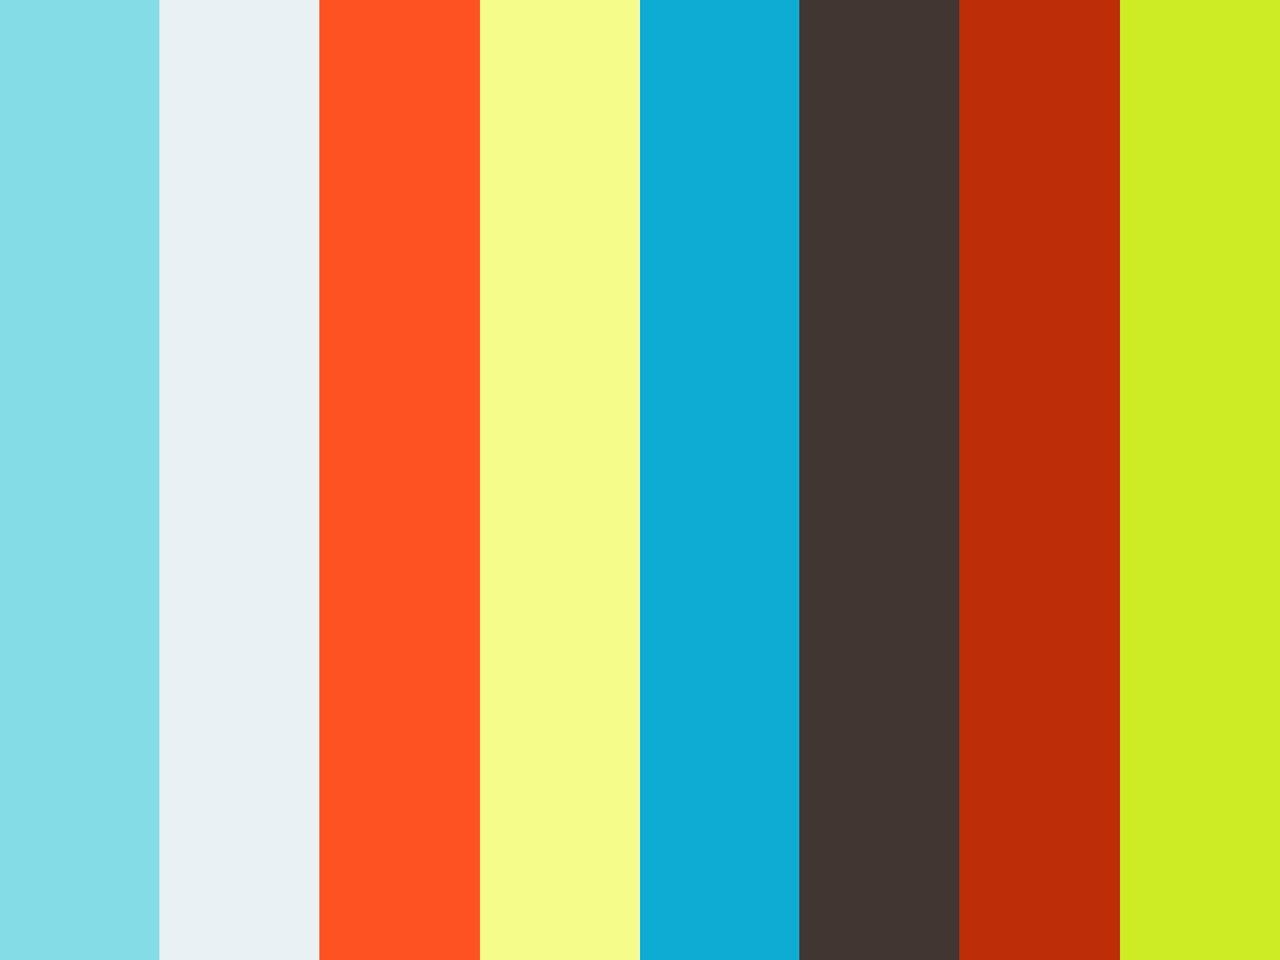 LG G5  Jason Statham Commercial